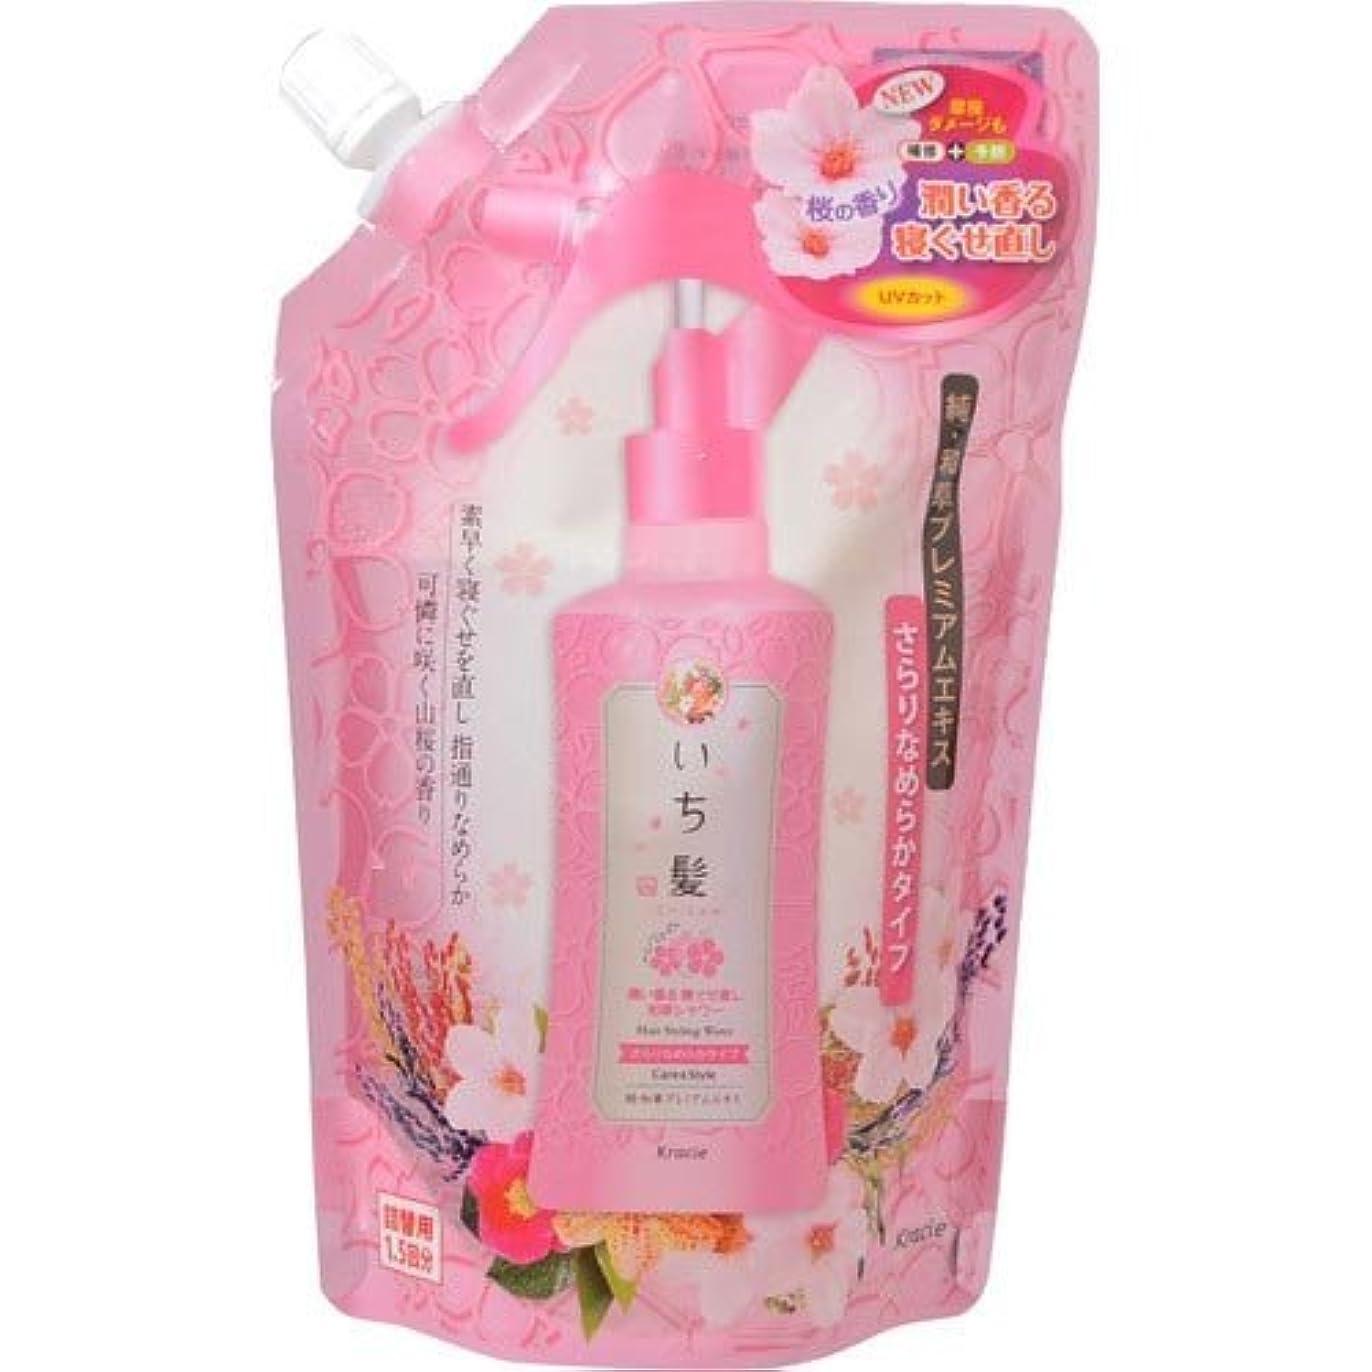 現実的第放出いち髪 潤い香る寝ぐせ直し和草シャワー さらりなめらかタイプ 詰替用 375mL